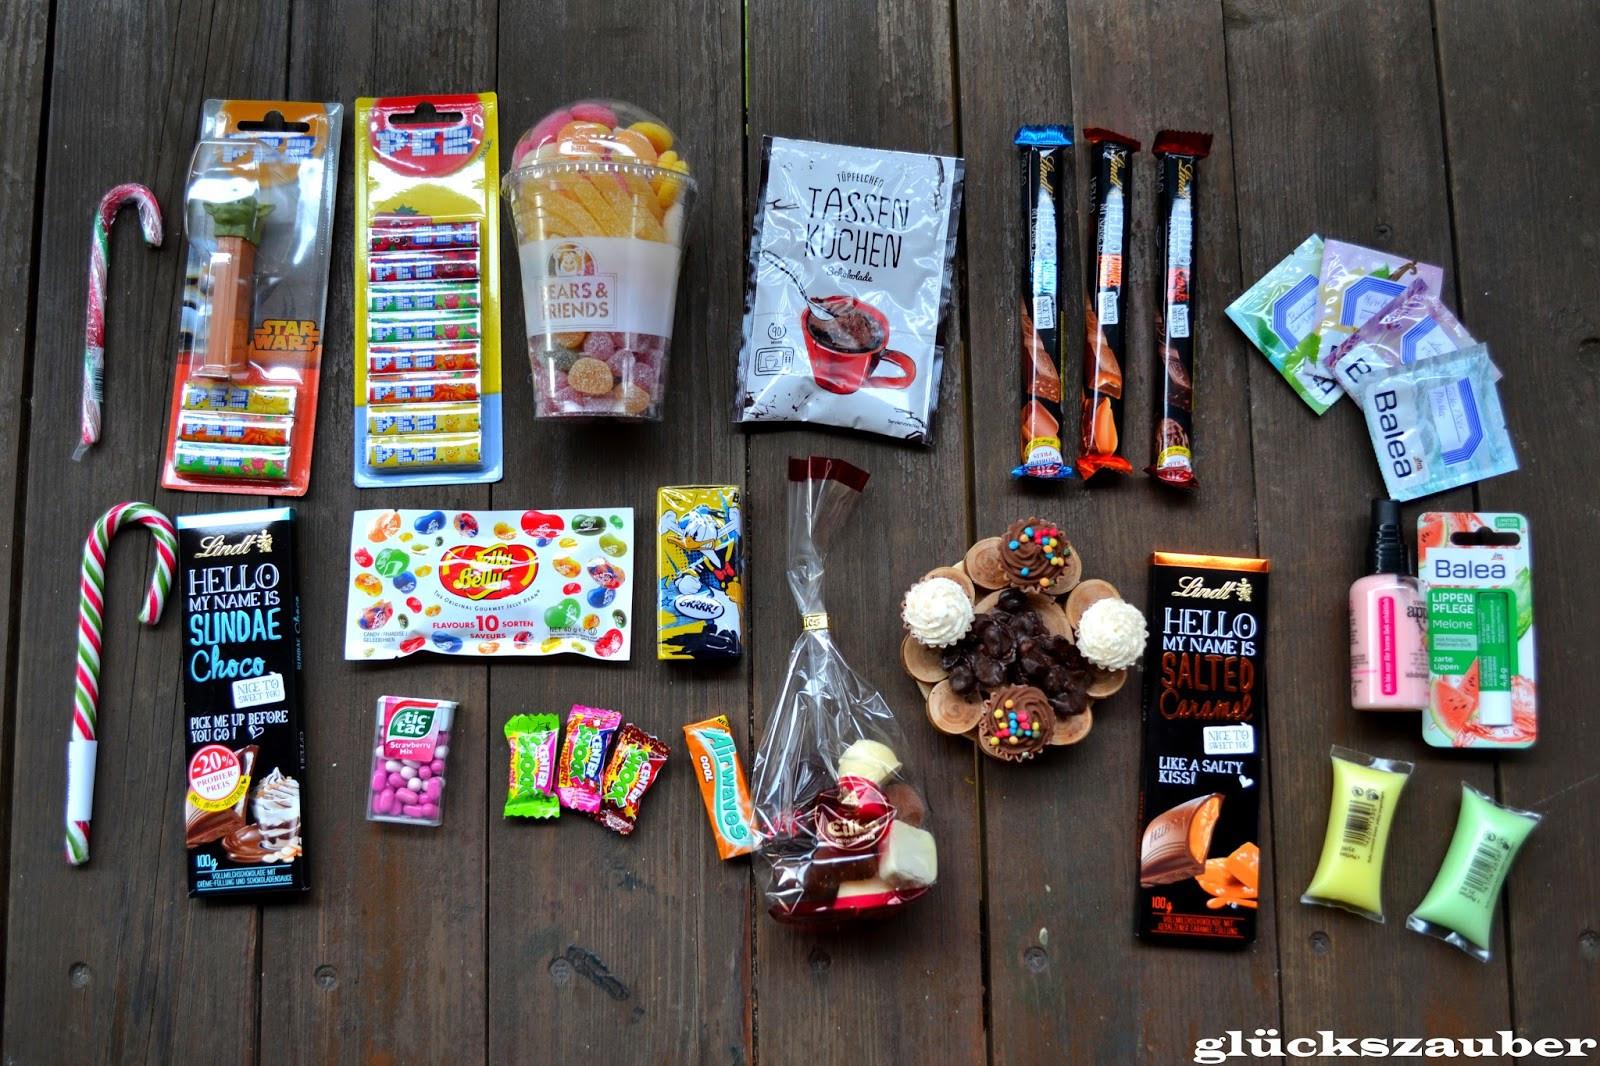 Geschenke Für 10 Jährige Jungs  geschenke für jungs 10 jahre